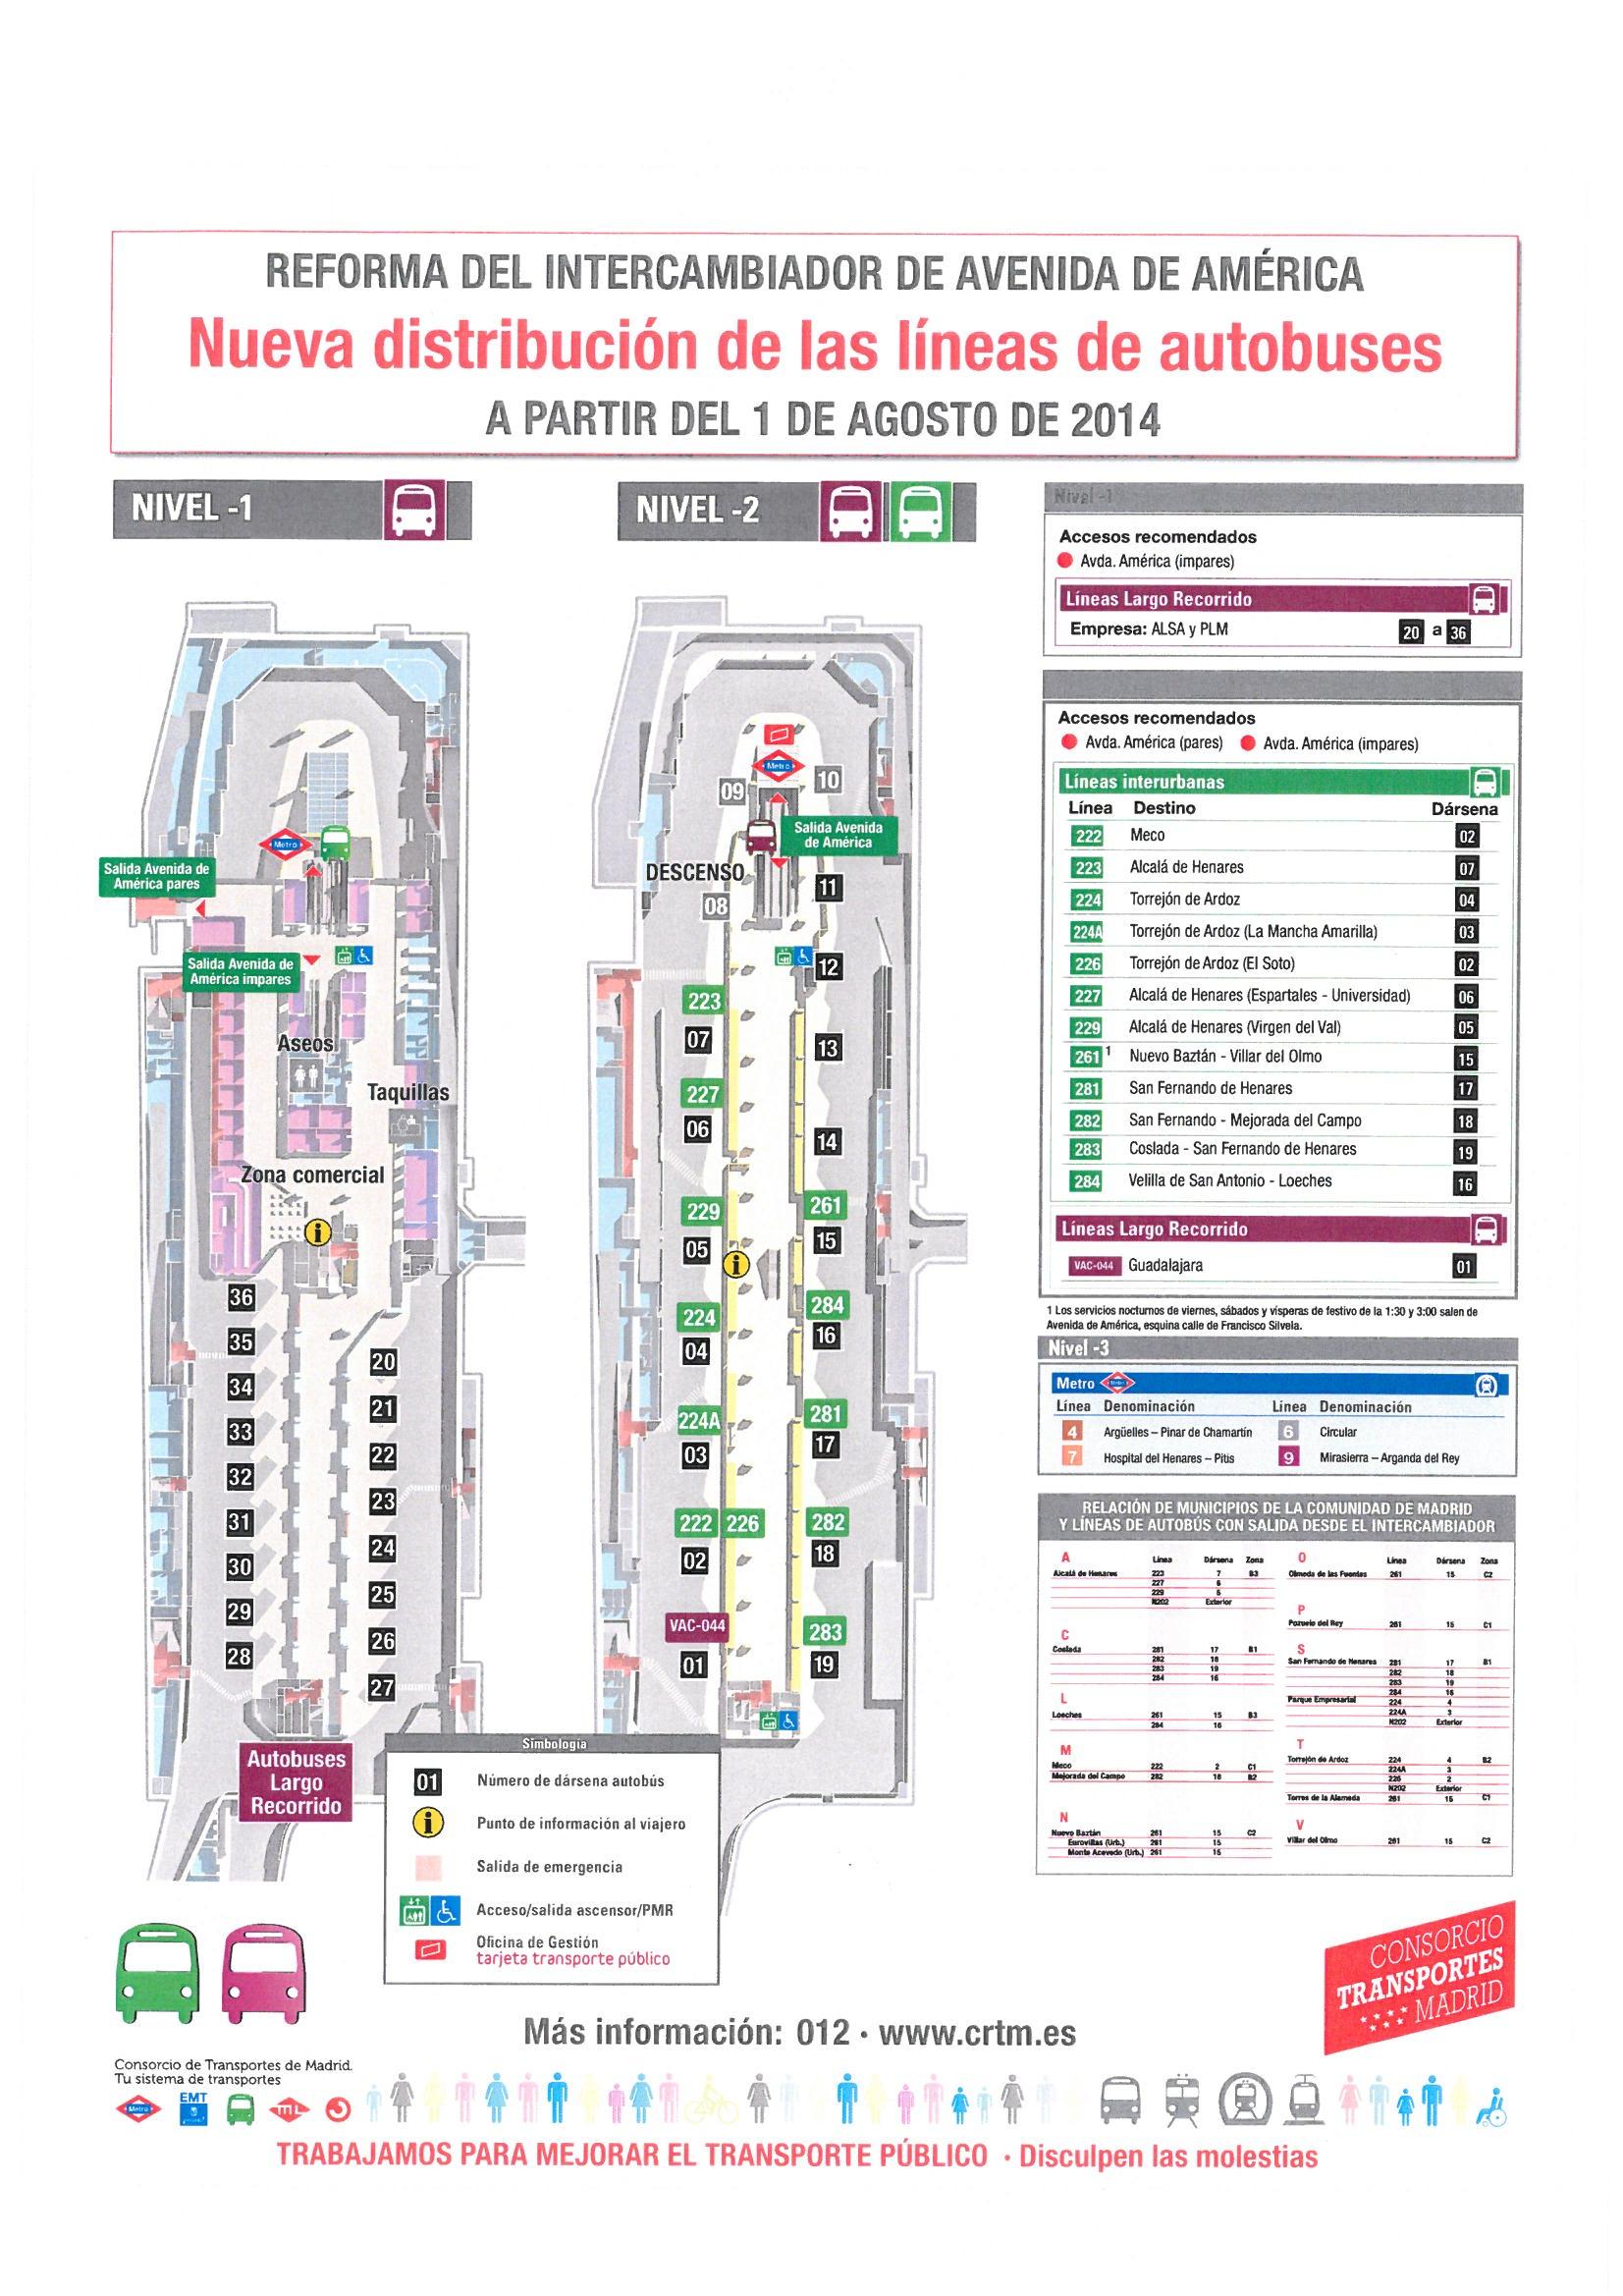 Mapa del intercambiador de la estación de autobuses de Avenida América